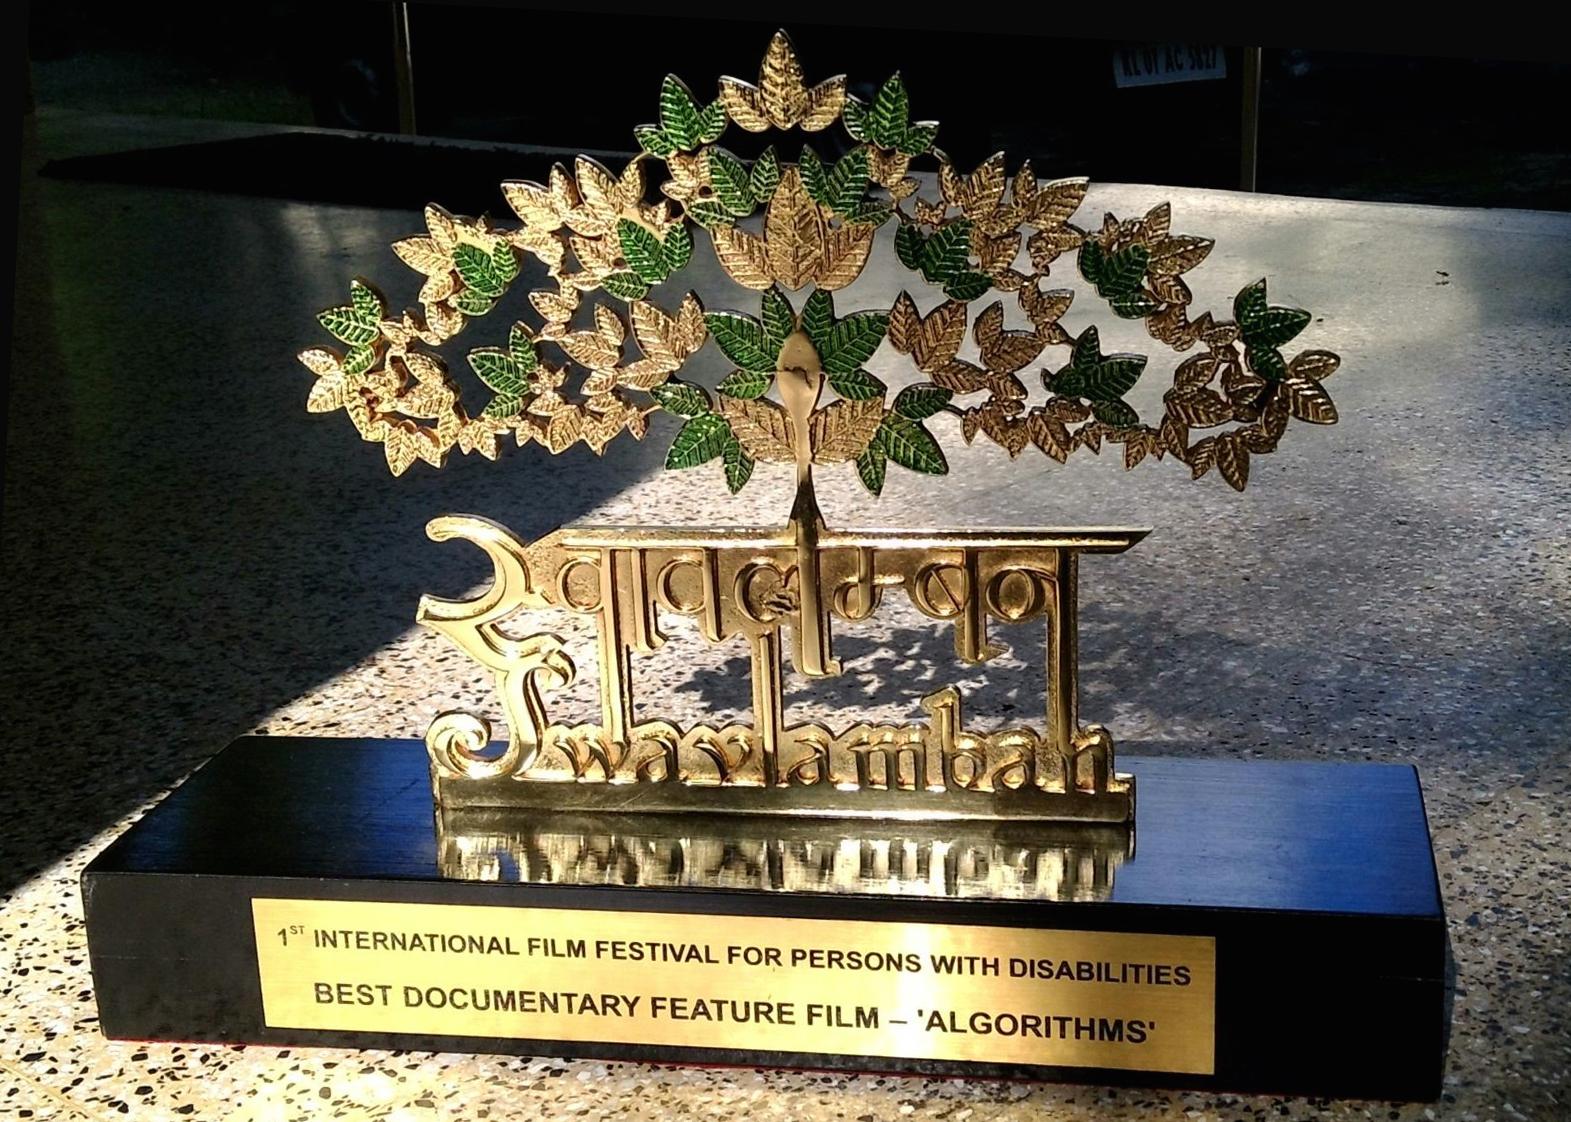 12 Award